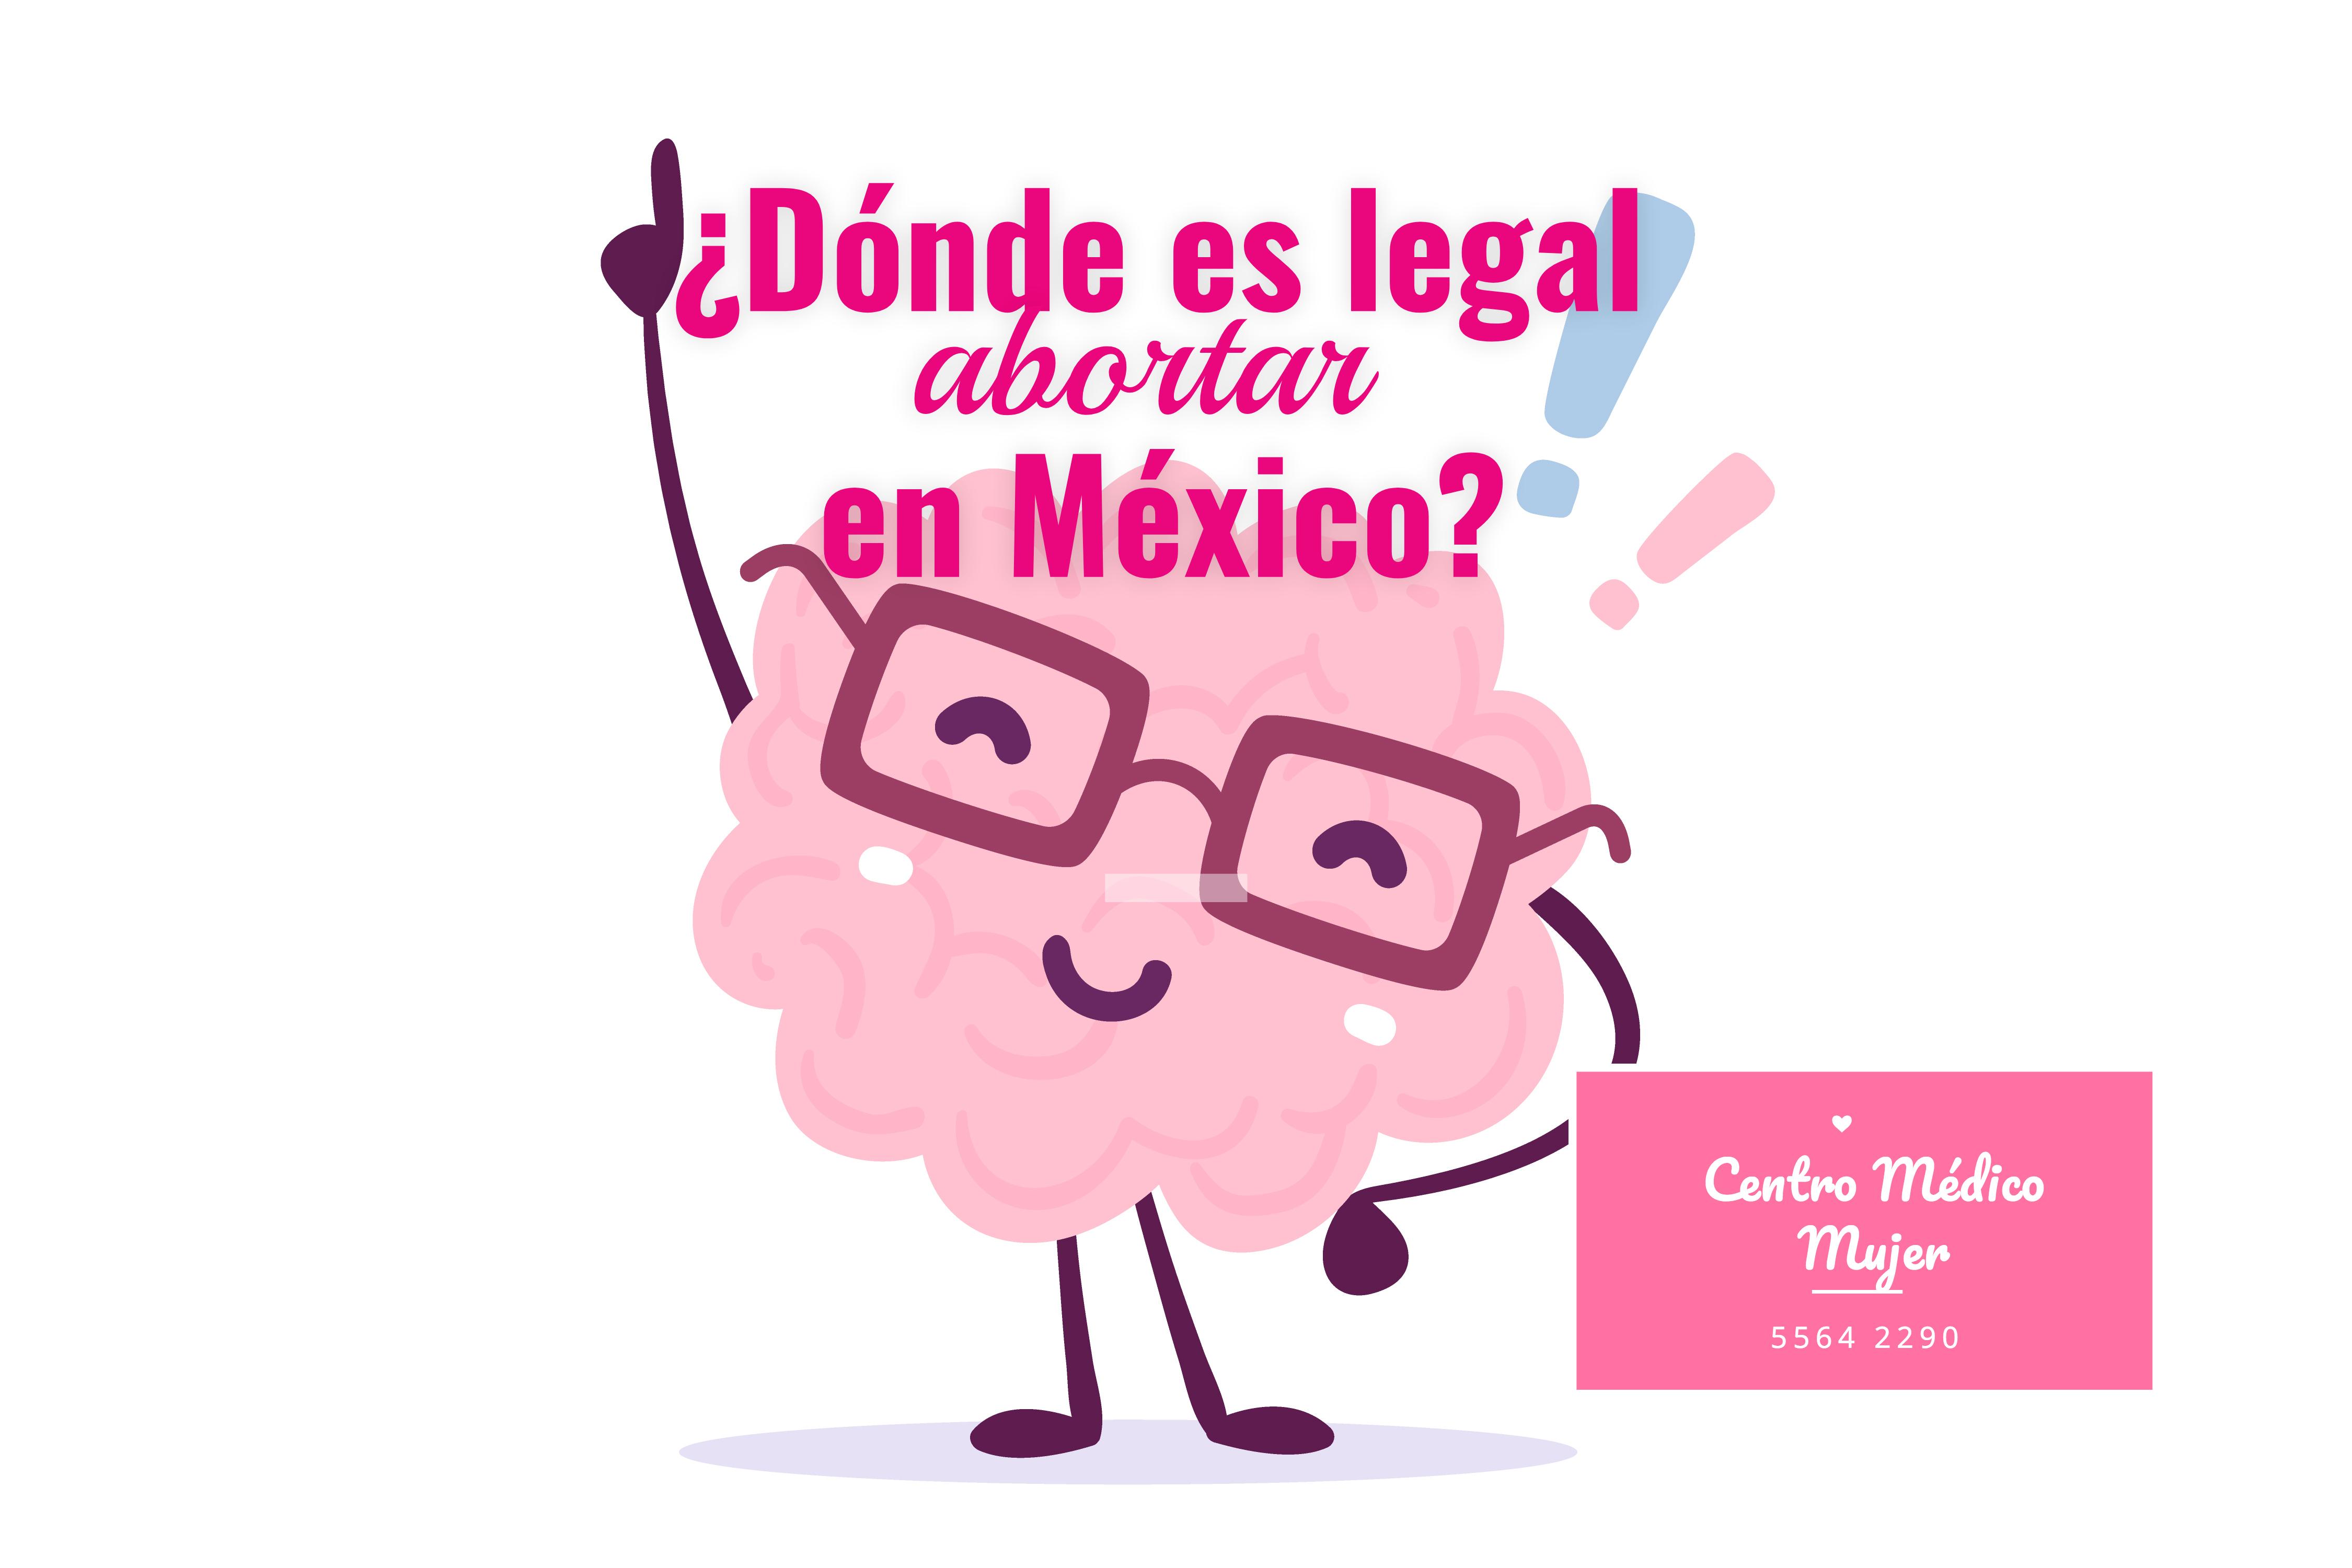 ¿Dónde es legal abortar en México?